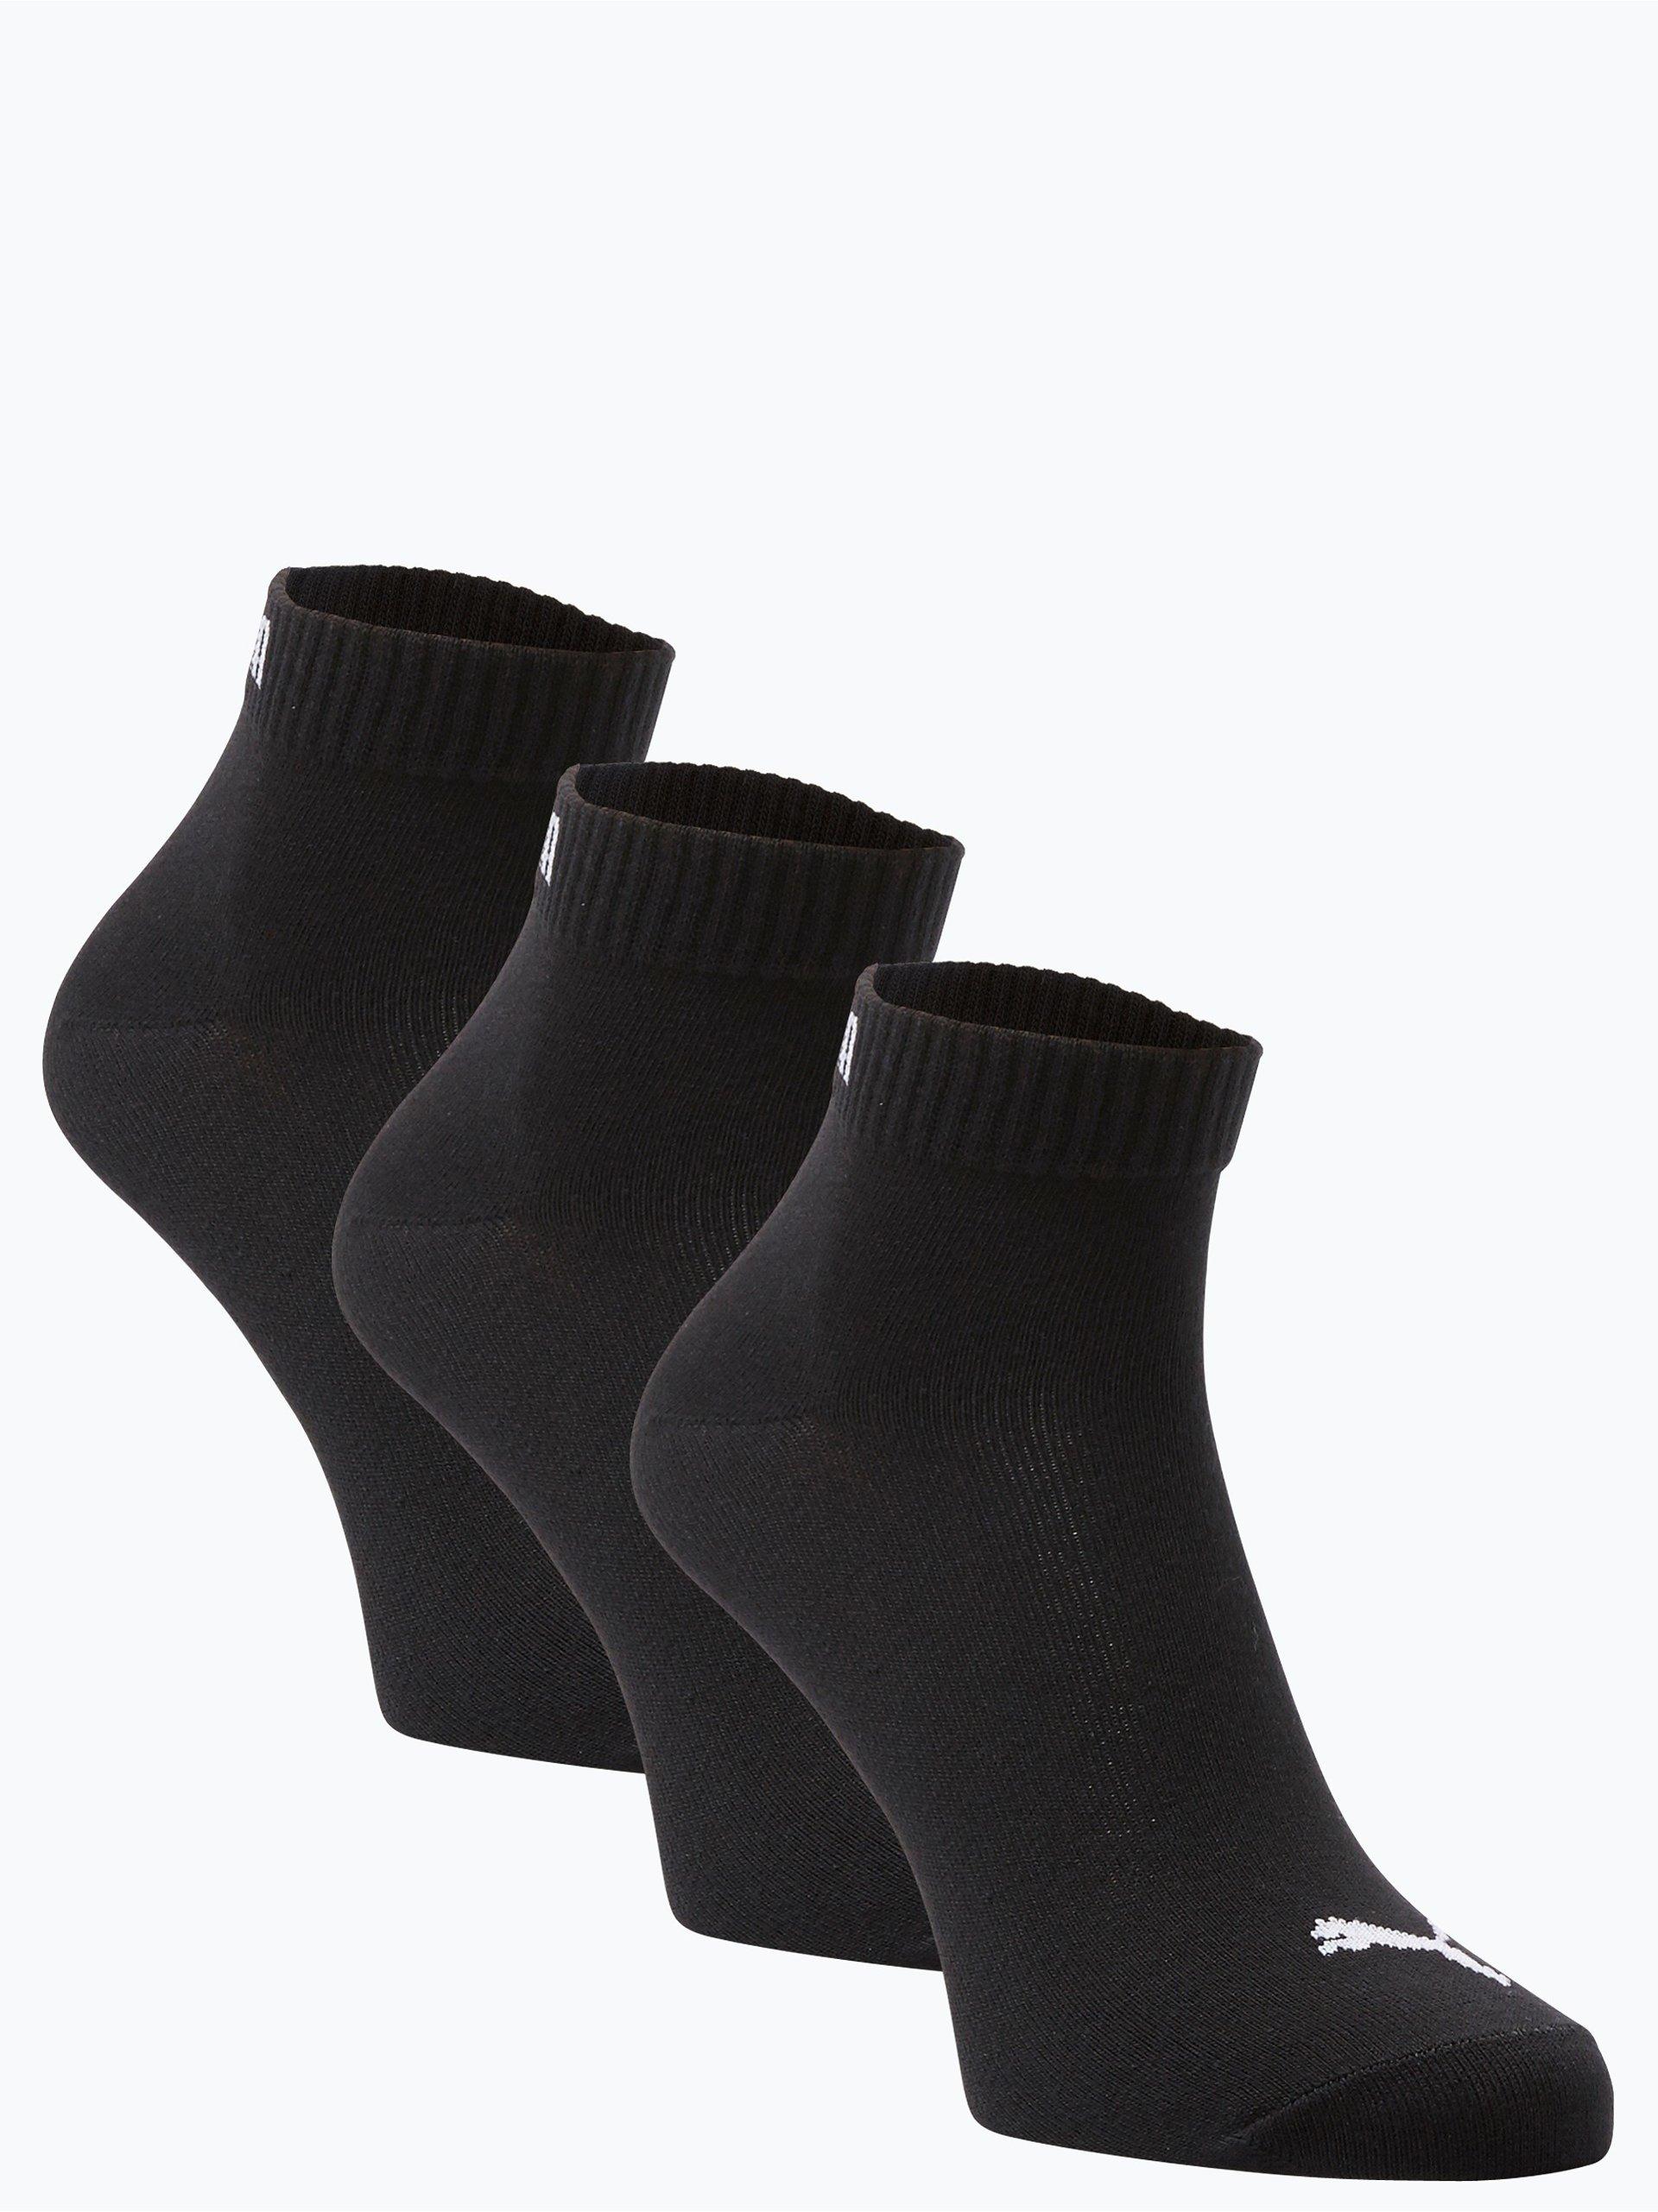 Puma Herren Socken im 3er-Pack